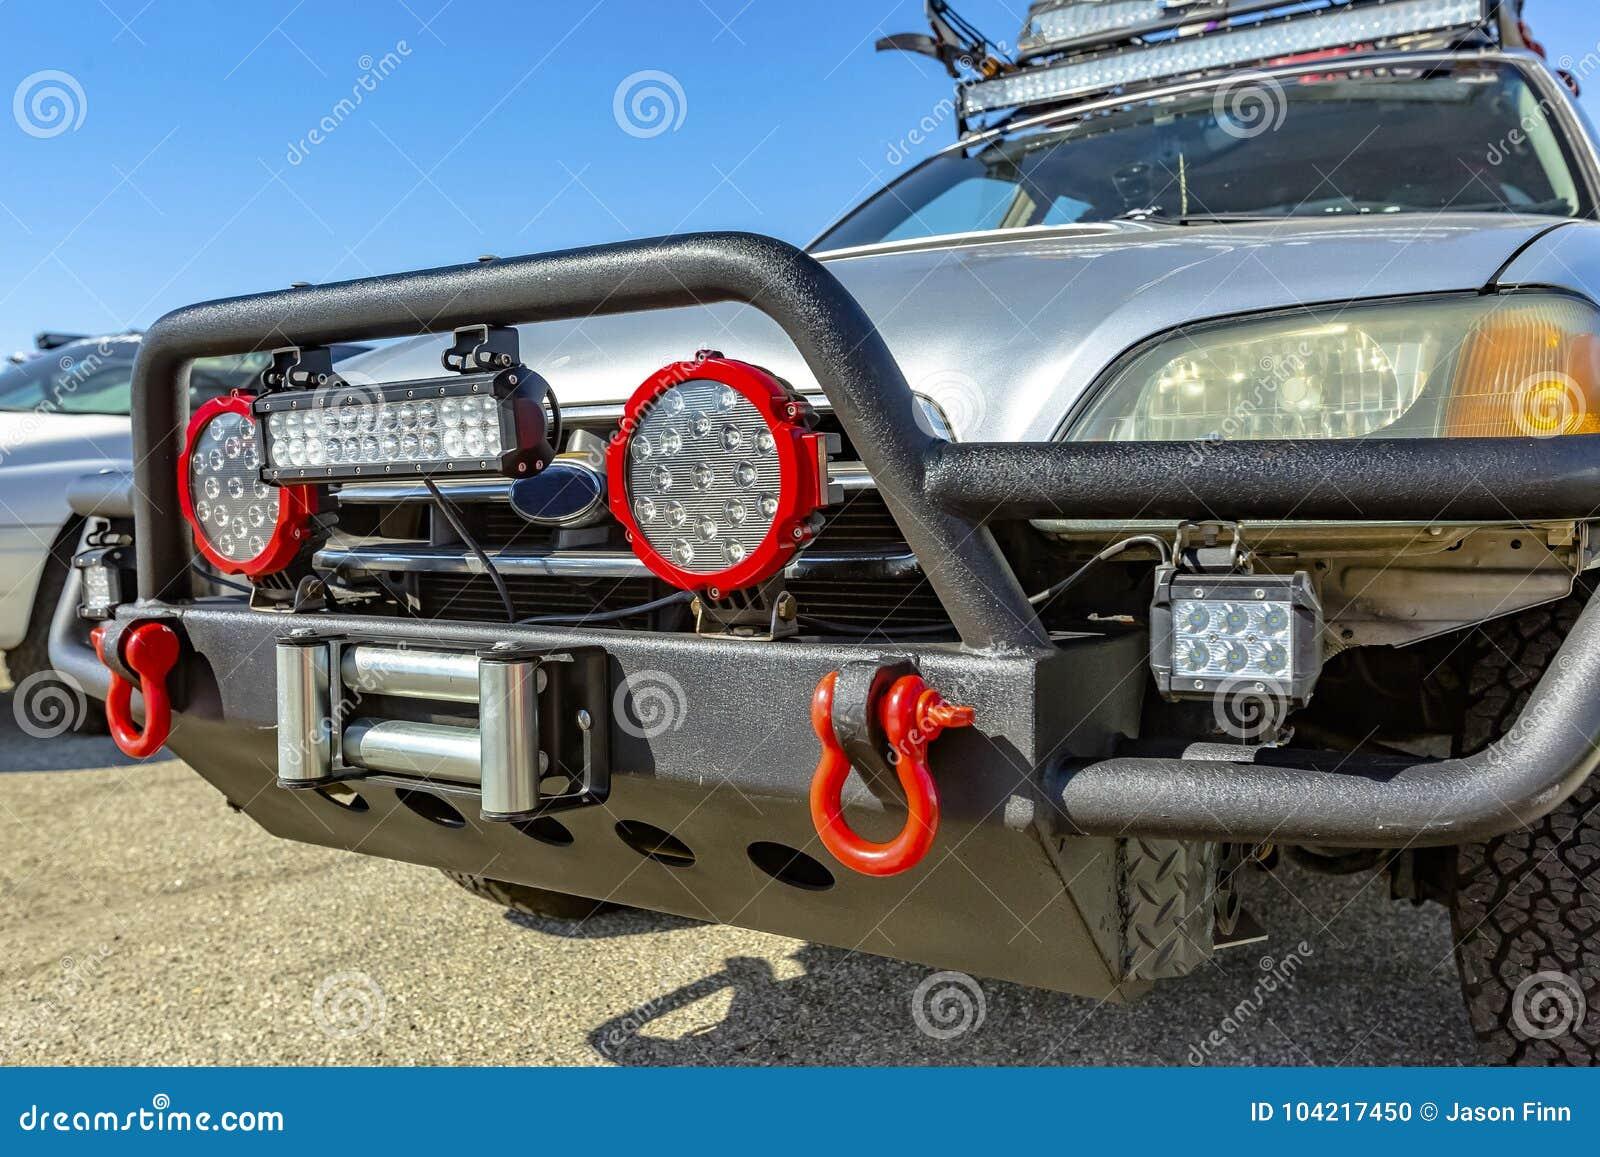 Protetor dianteiro em um veículo offroad com jogo do reboque